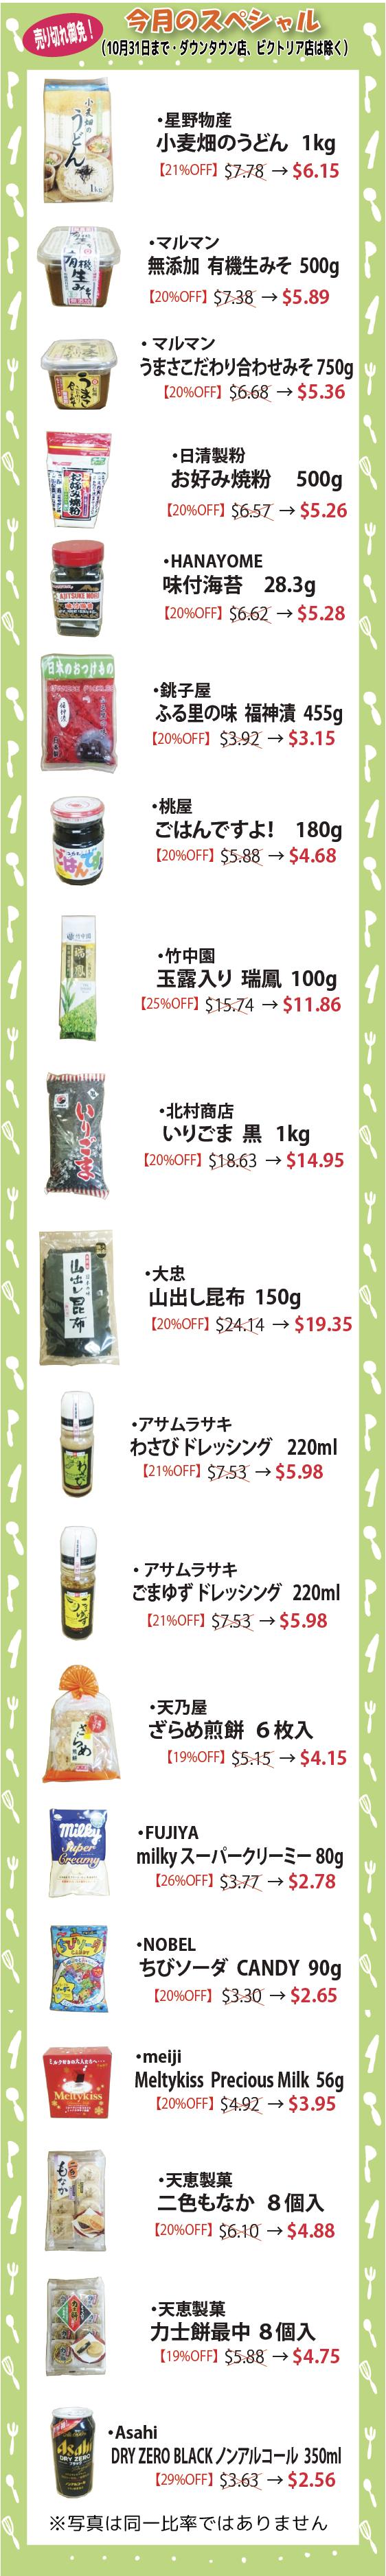 fujiya0916